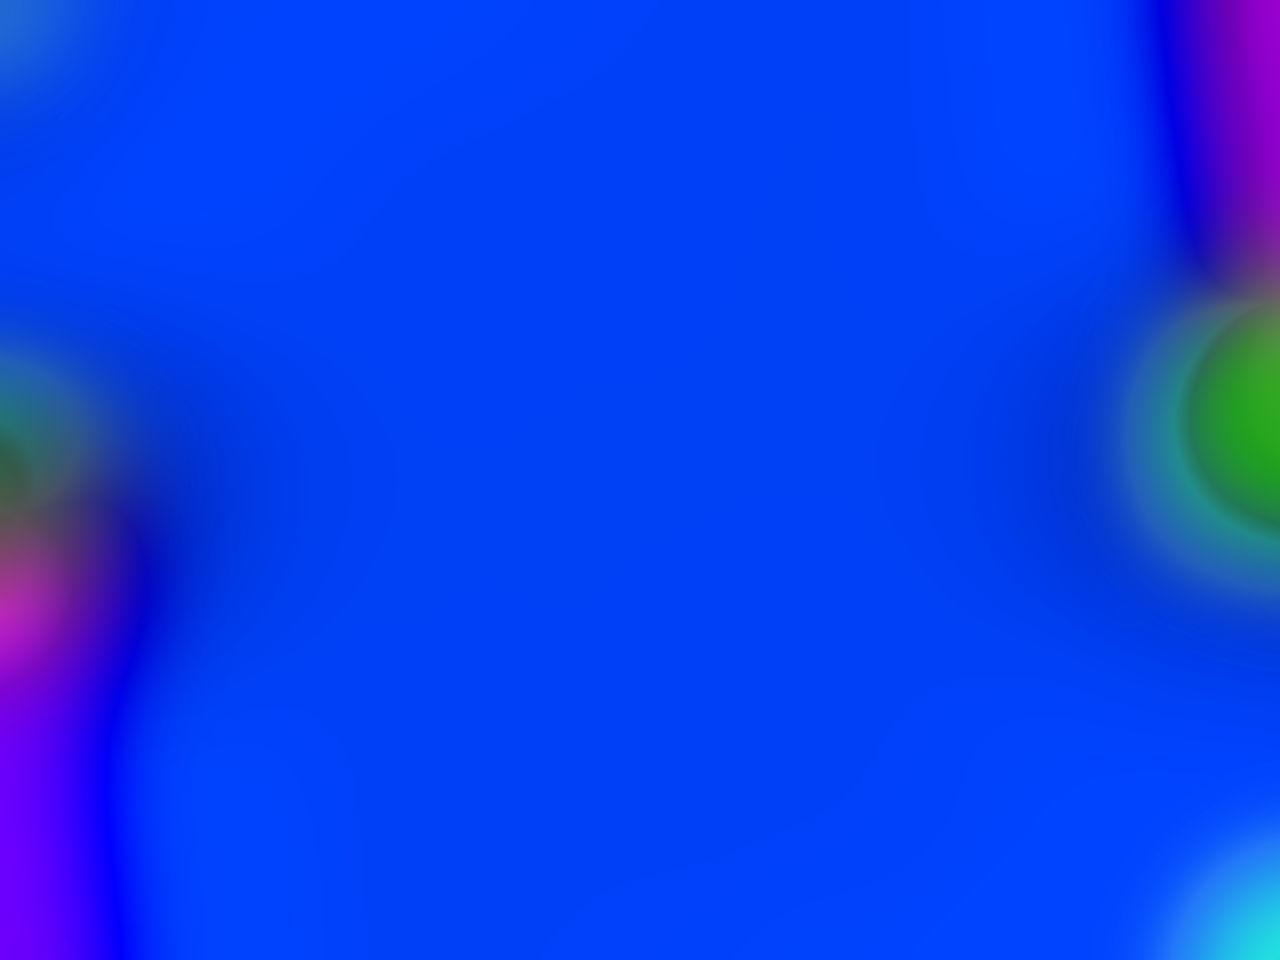 FULL FRAME SHOT OF BLUE BALL